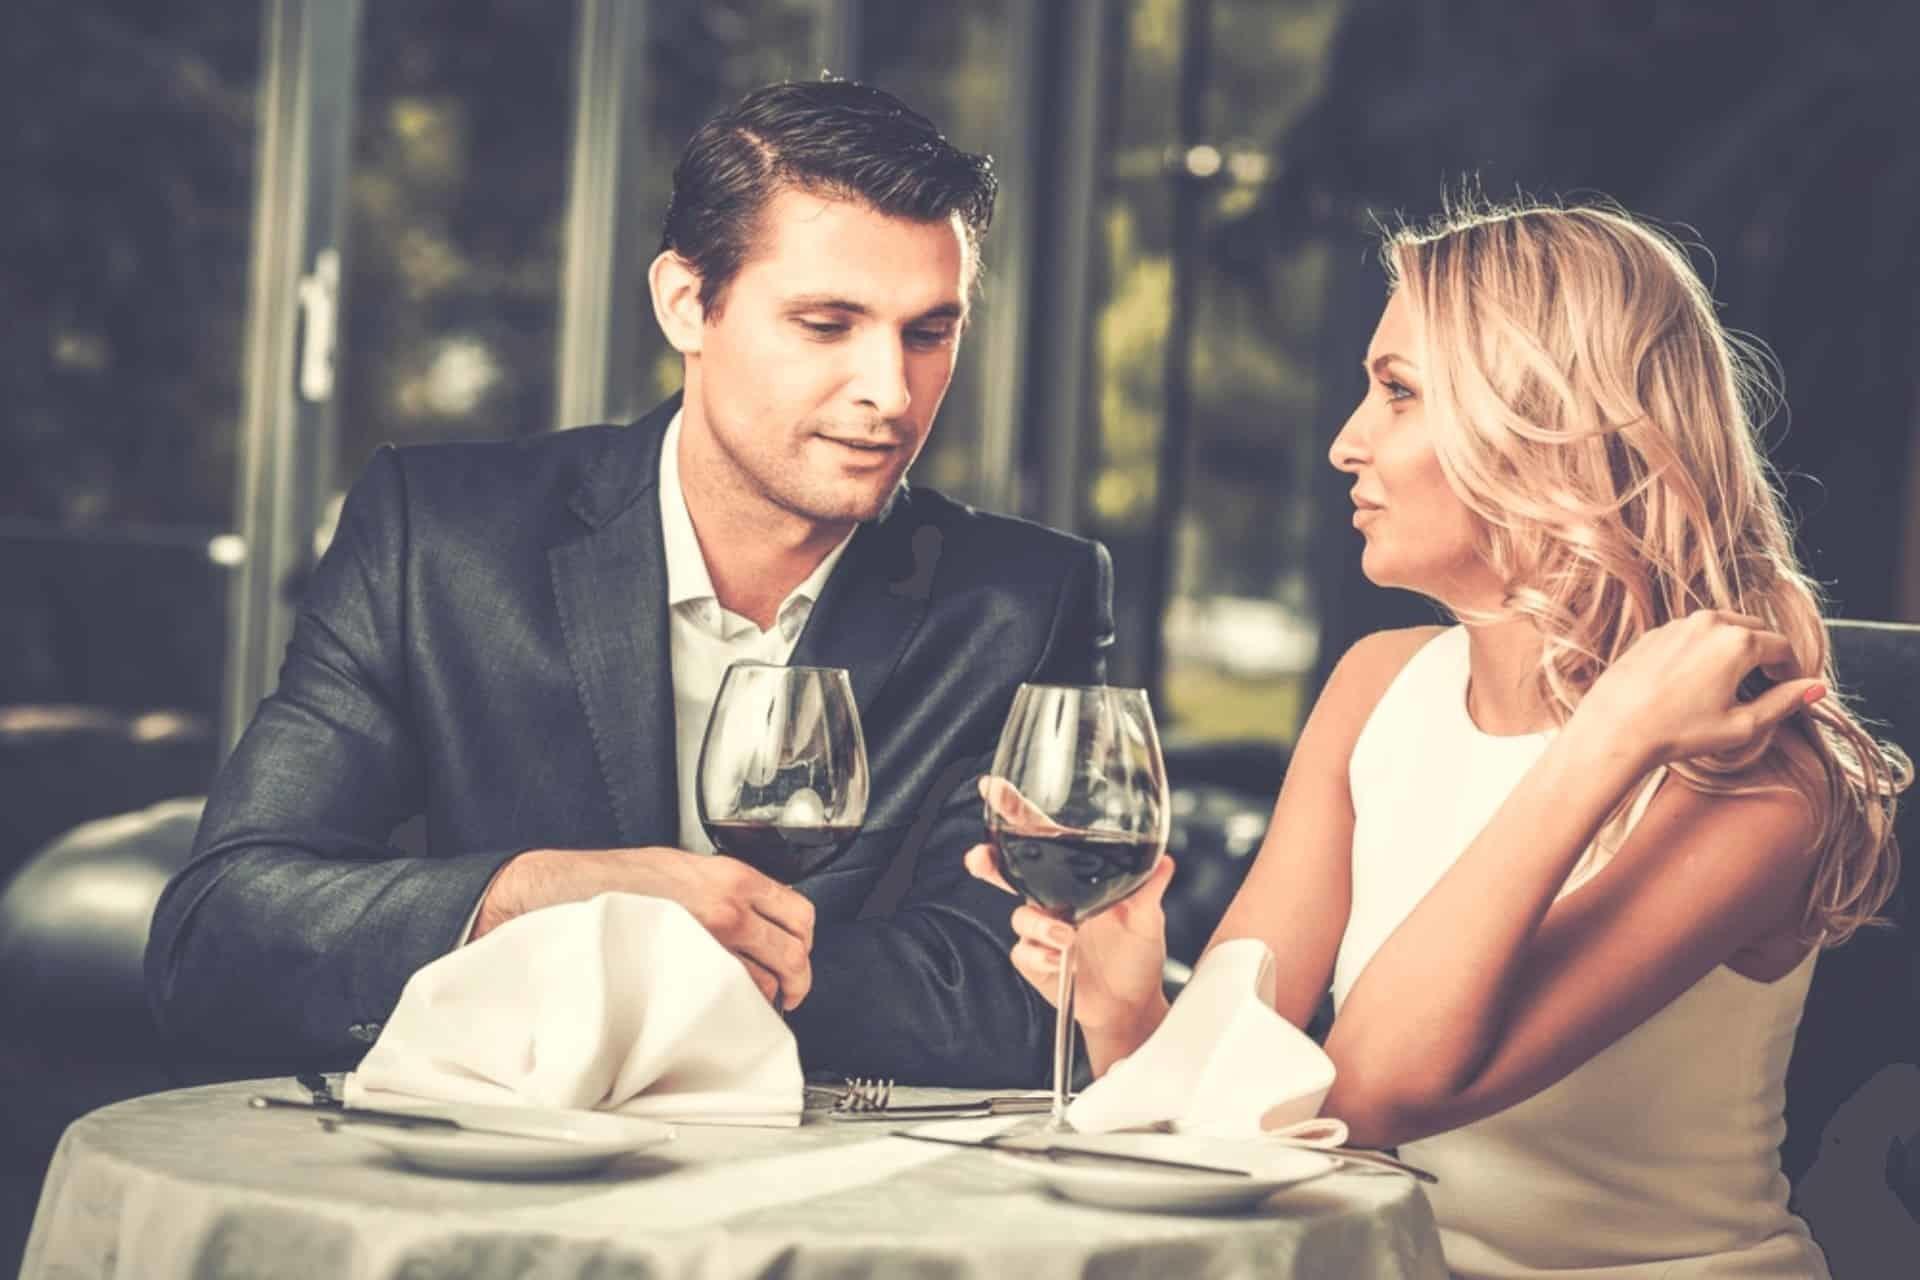 Τα Πρώτα Ραντεβού μετά το Διαζύγιο